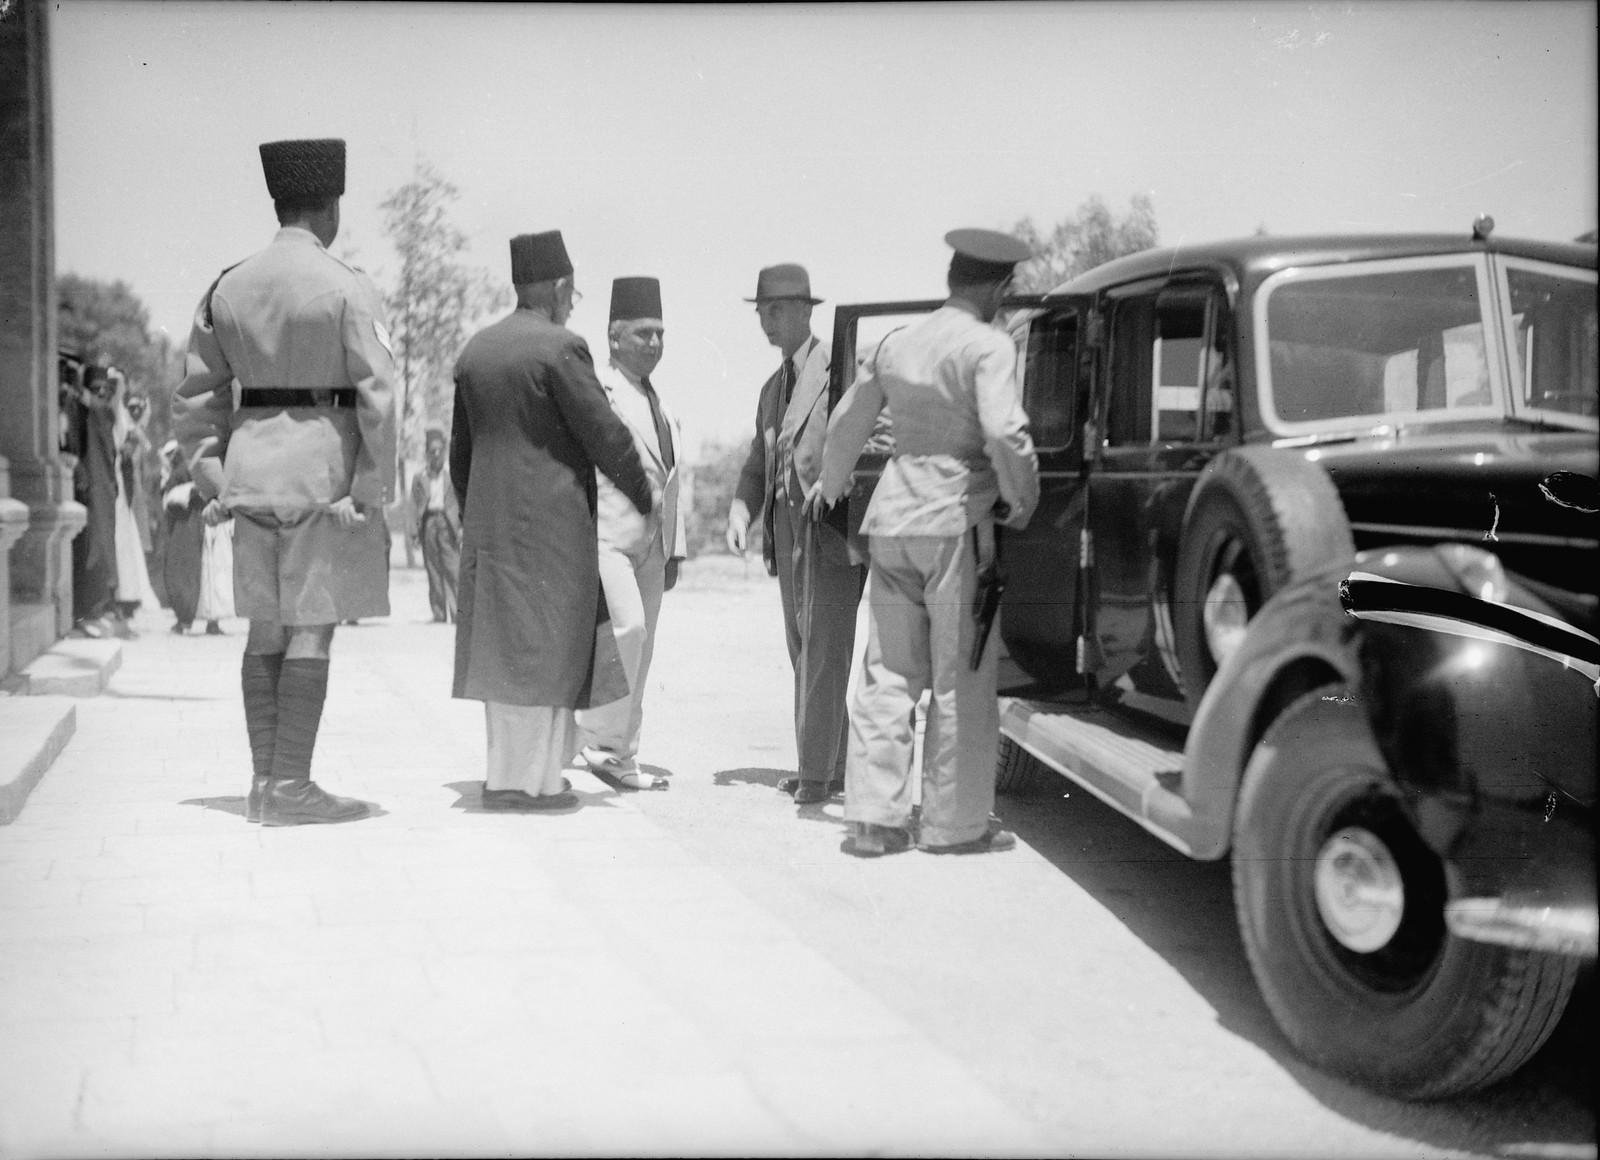 17. Сэр Гарольд Альфред МакМайкл, Верховный комиссар Палестины прибыл в Беэр-Шеву и встретился с окружным чиновником и мэром, 21 июня